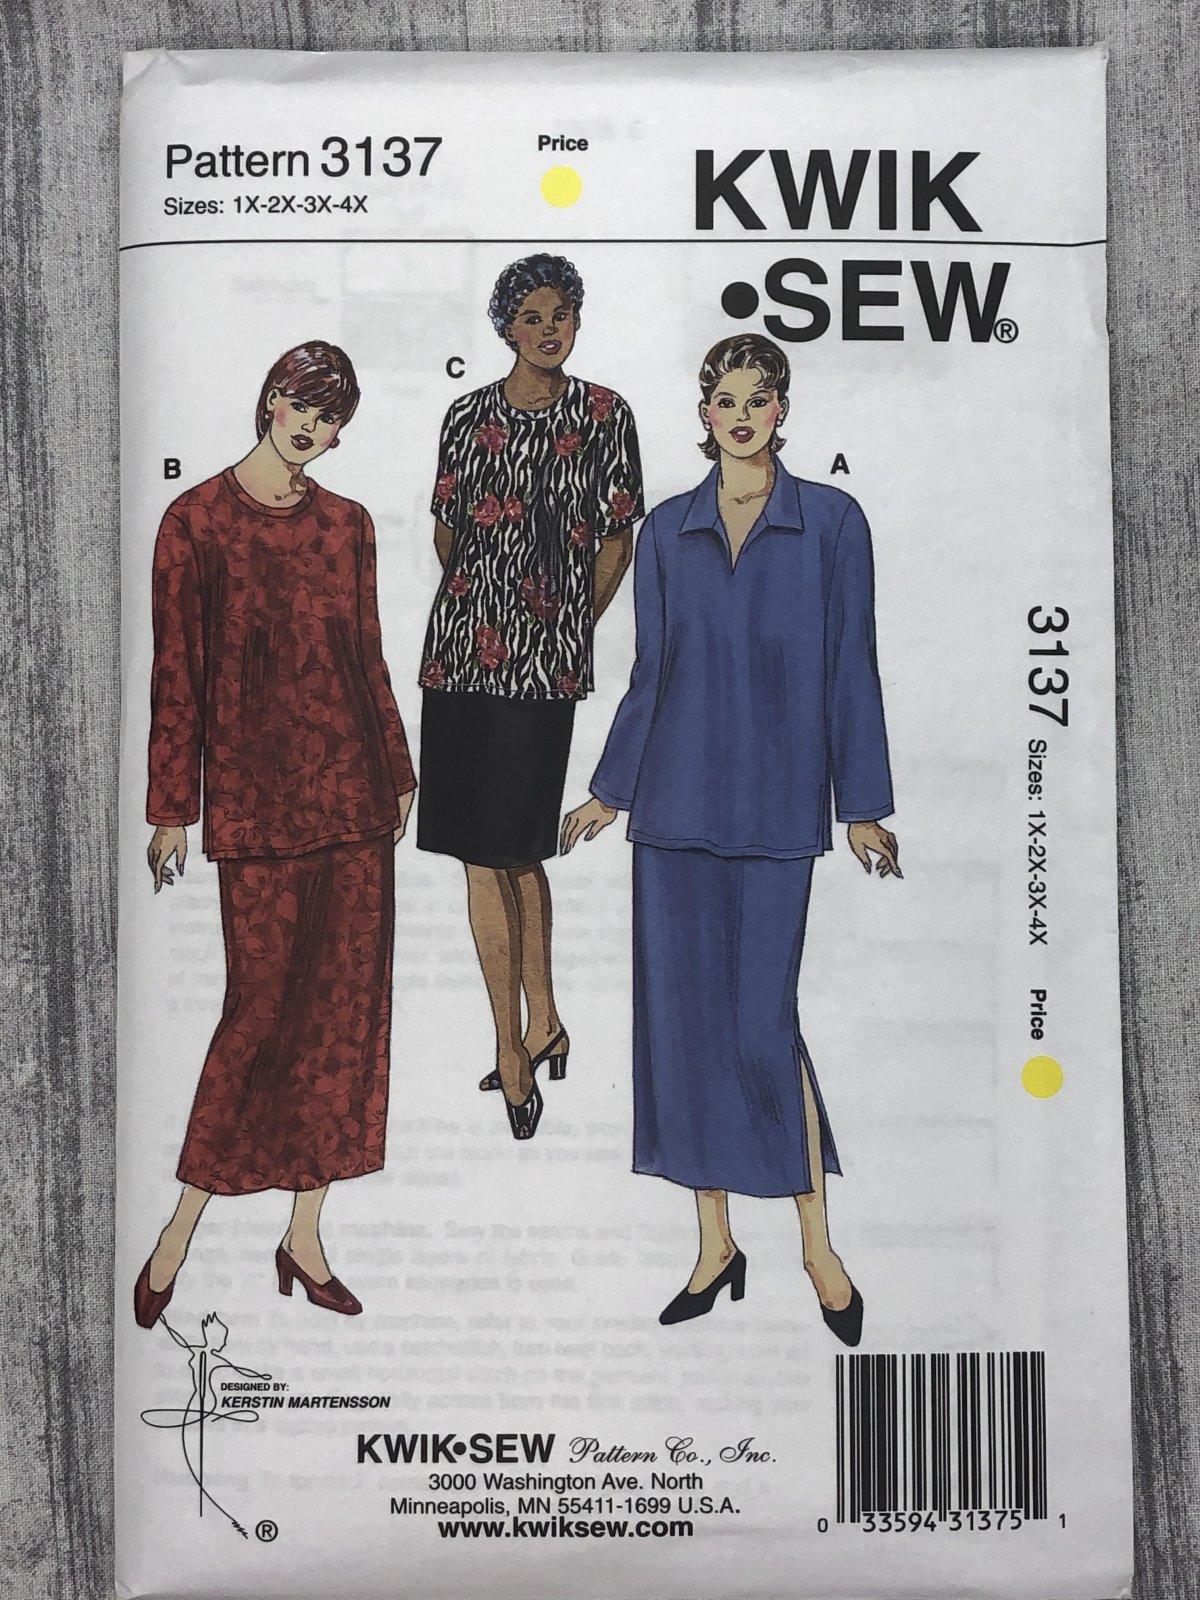 Kwik Sew 3137 Sizes 1X-4X